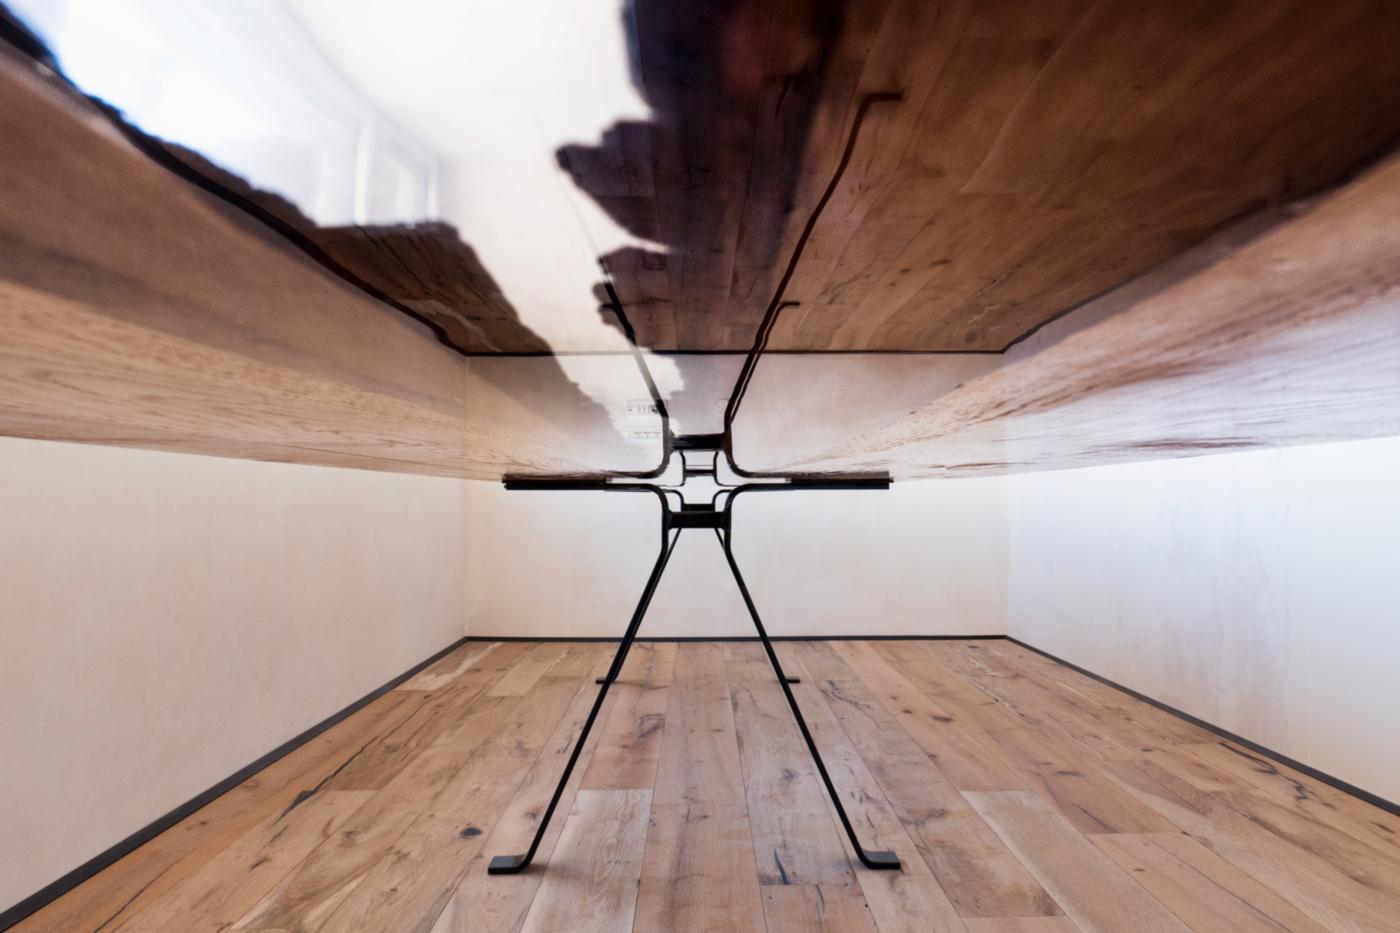 Un tavolo di design in rovere massiccio e resina, poetico e evocativo come un viaggio. La resina crea un gioco di riflessi e rifrazioni continue | Bottega di Architettura